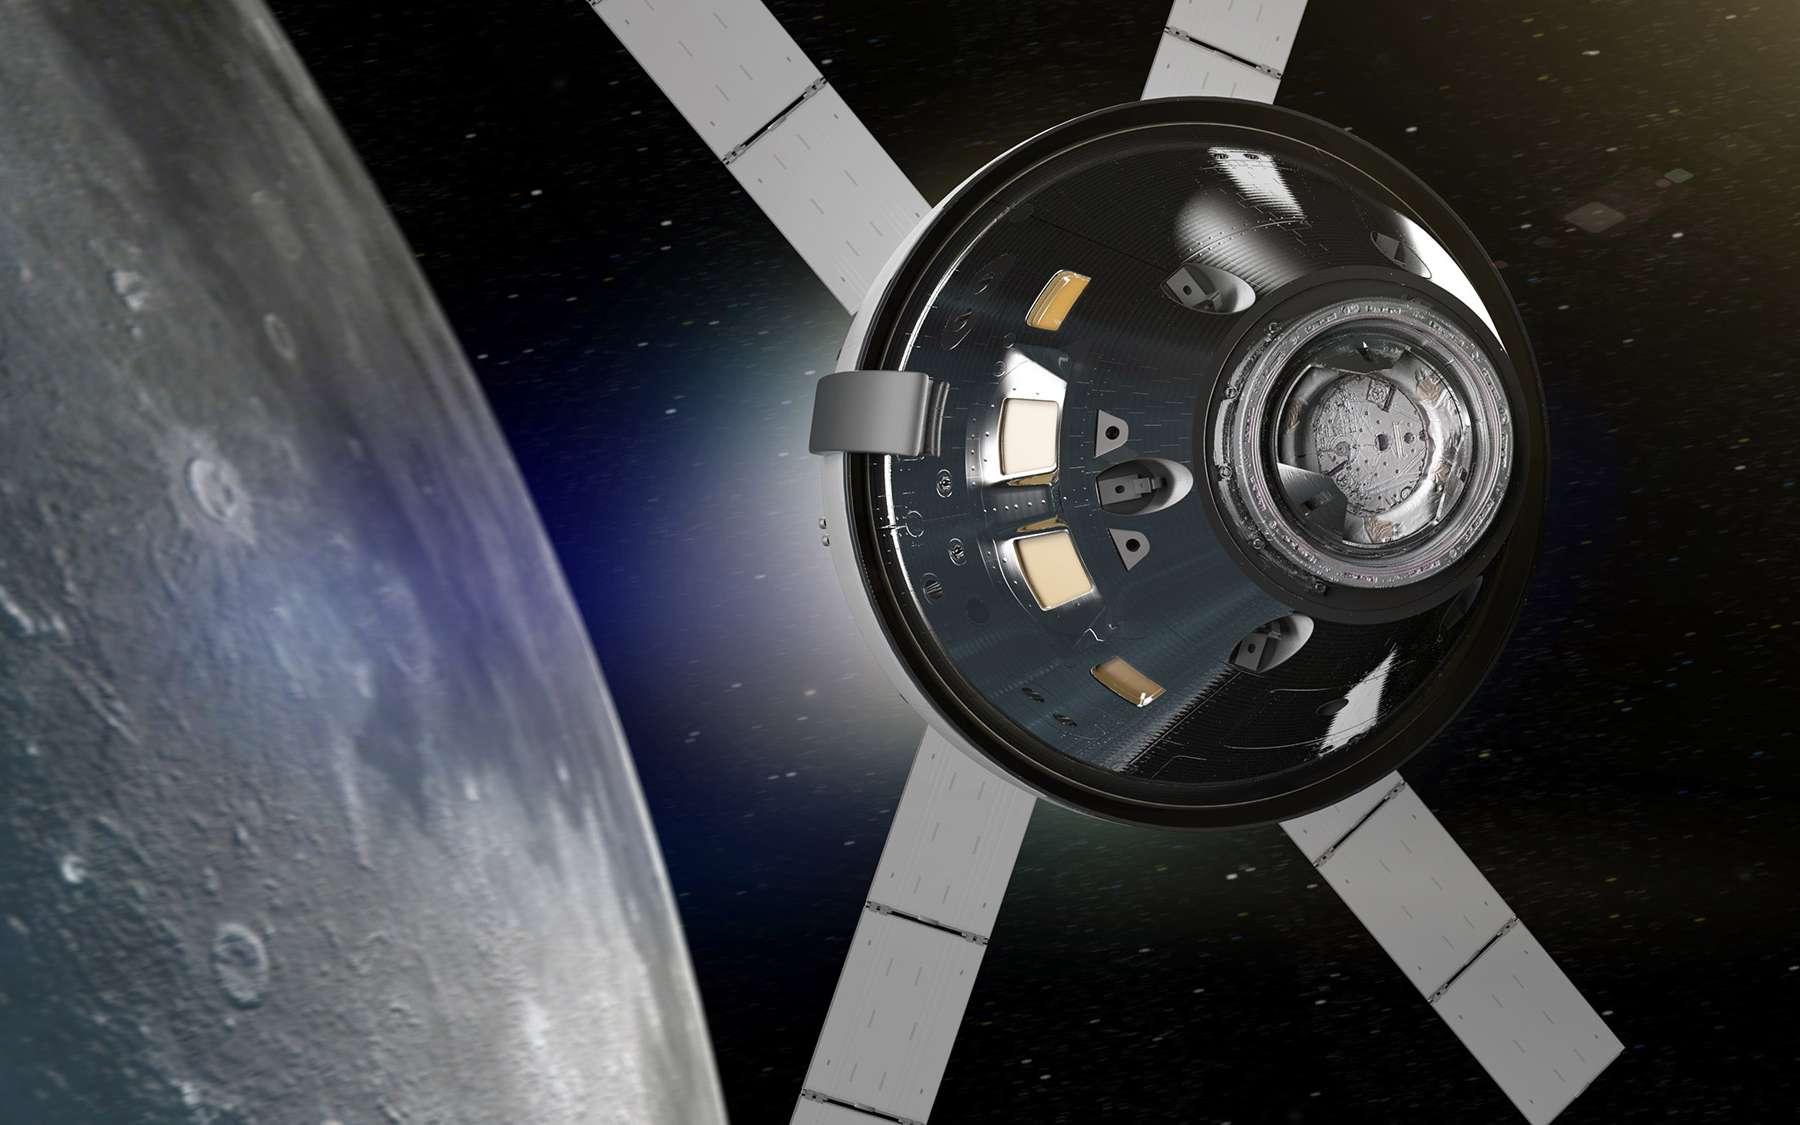 Le véhicule Orion autour de la Lune. © Nasa